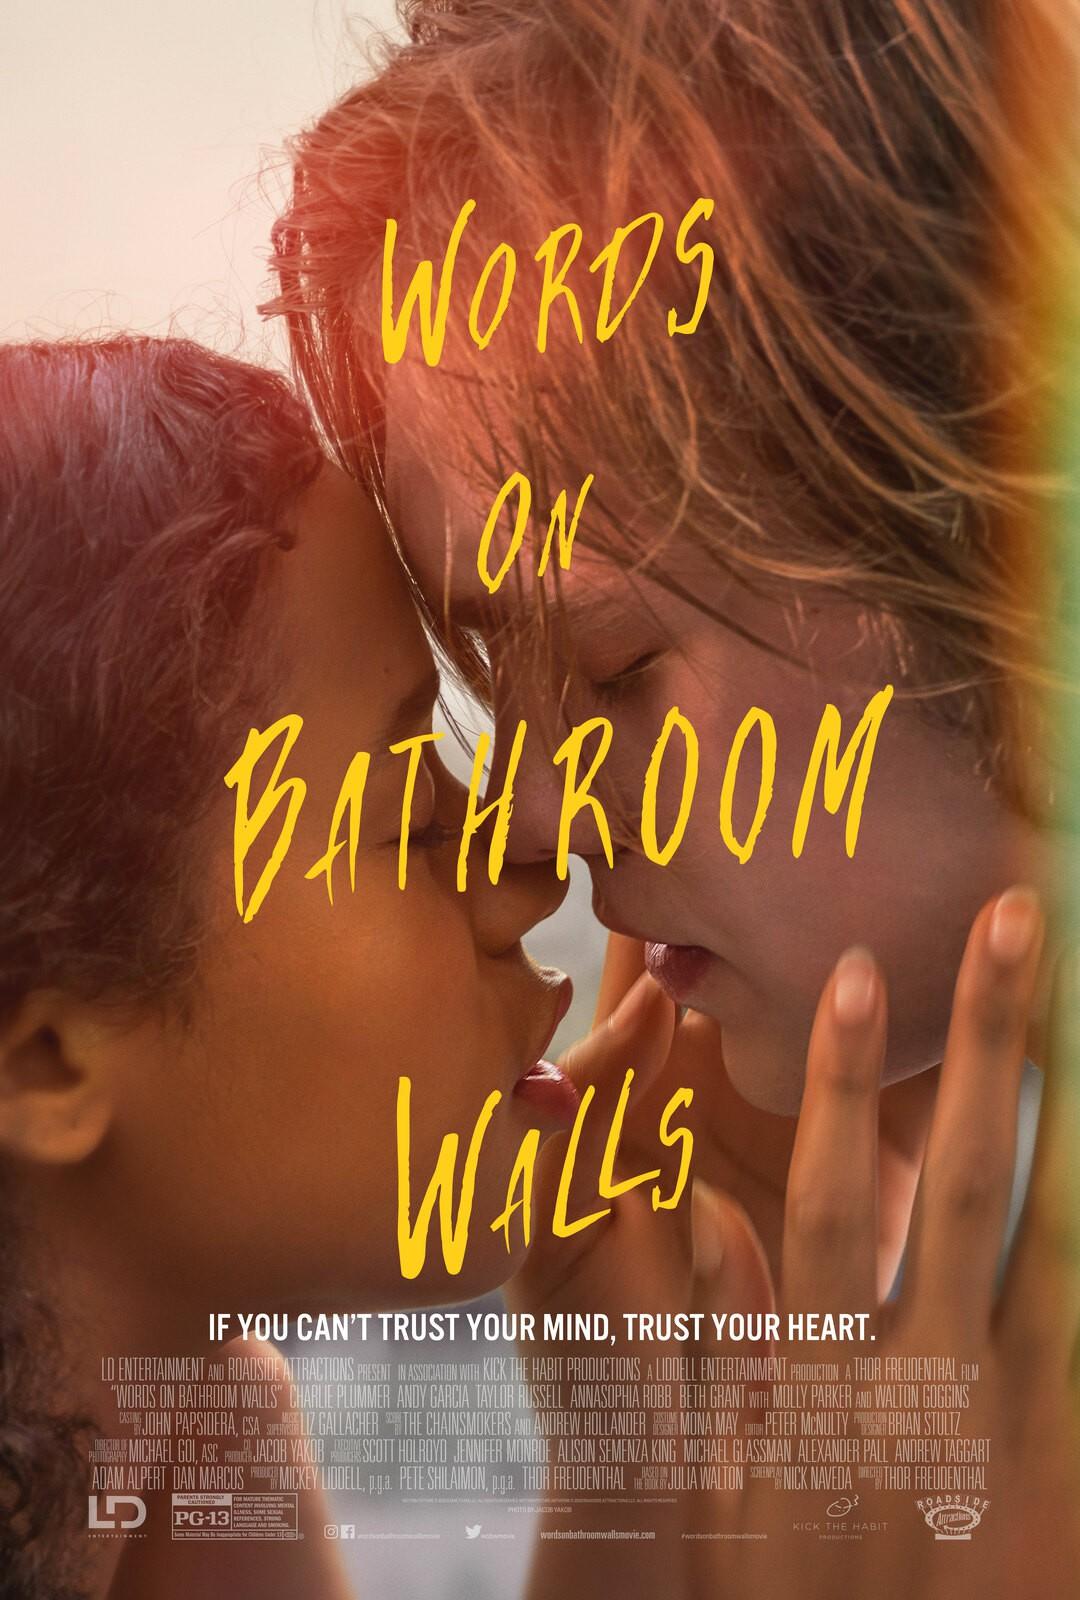 Words On Bathroom Walls Trailer - Bild 1 von 1